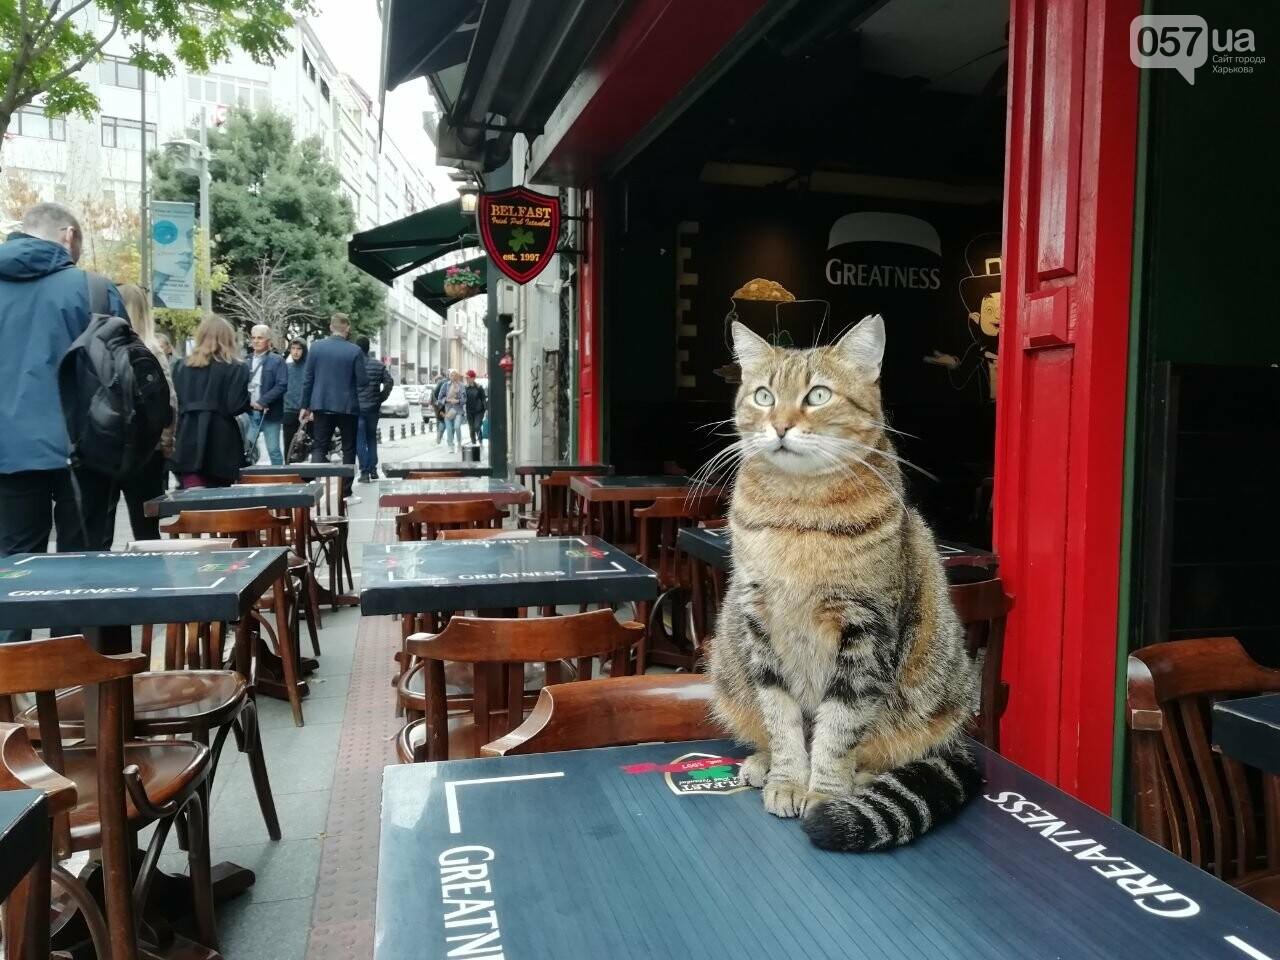 Из Харькова в Стамбул. Как добраться, что попробовать и на что посмотреть в турецком городе, - ФОТО, фото-43